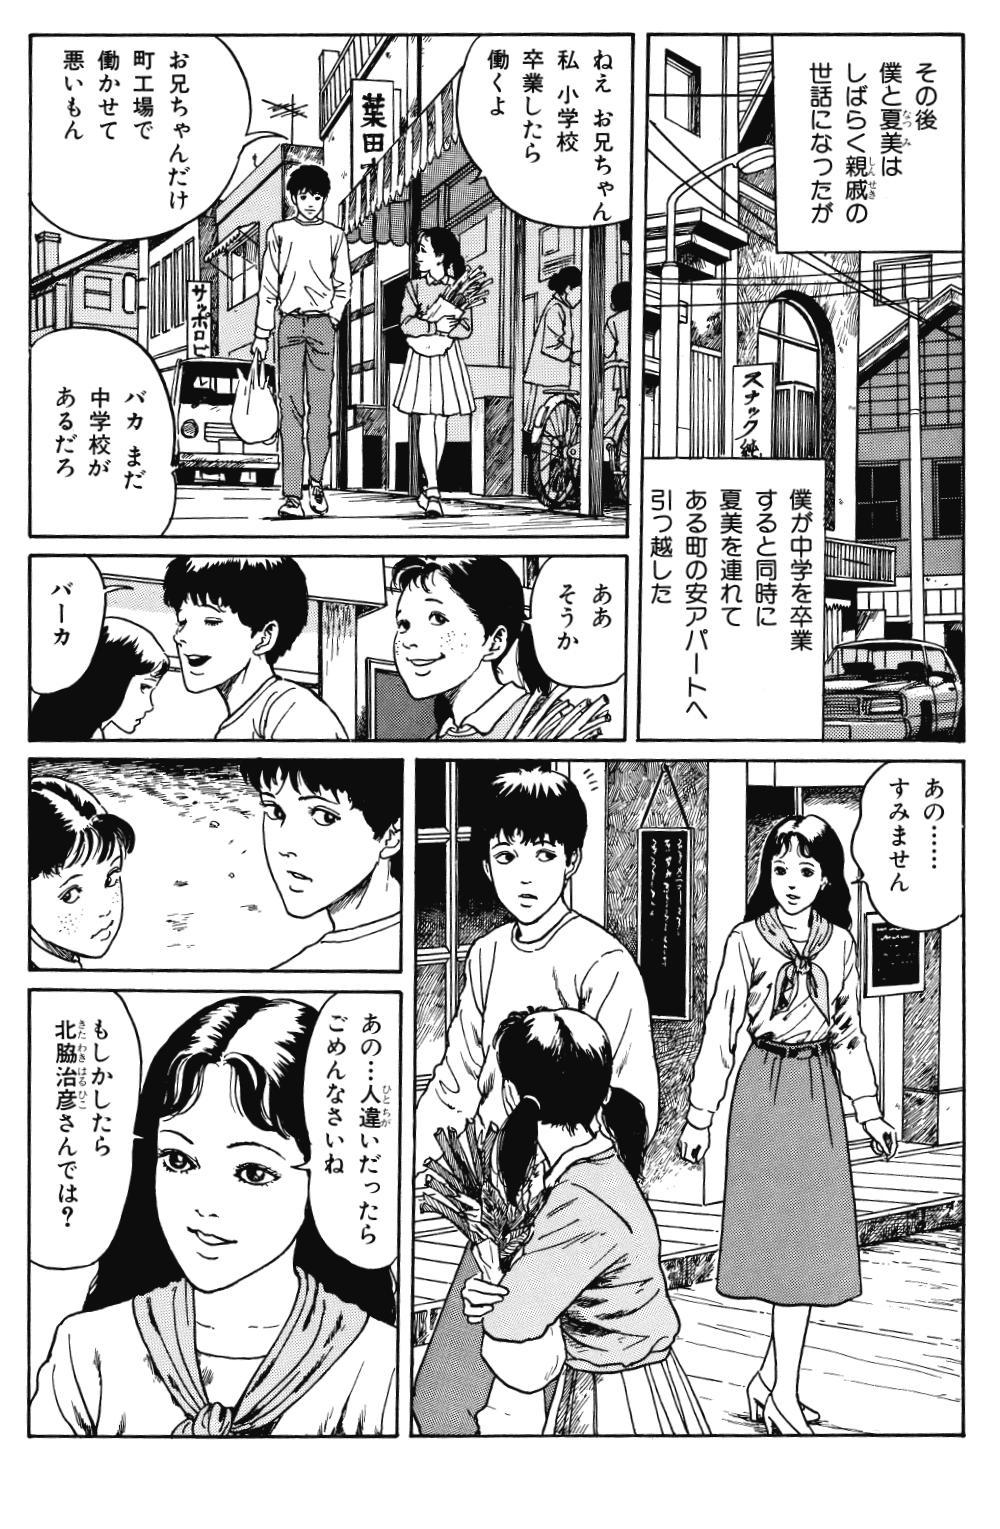 伊藤潤二自選傑作集 第5話「あやつり屋敷」②ayaturiyasiki-2-188.jpg